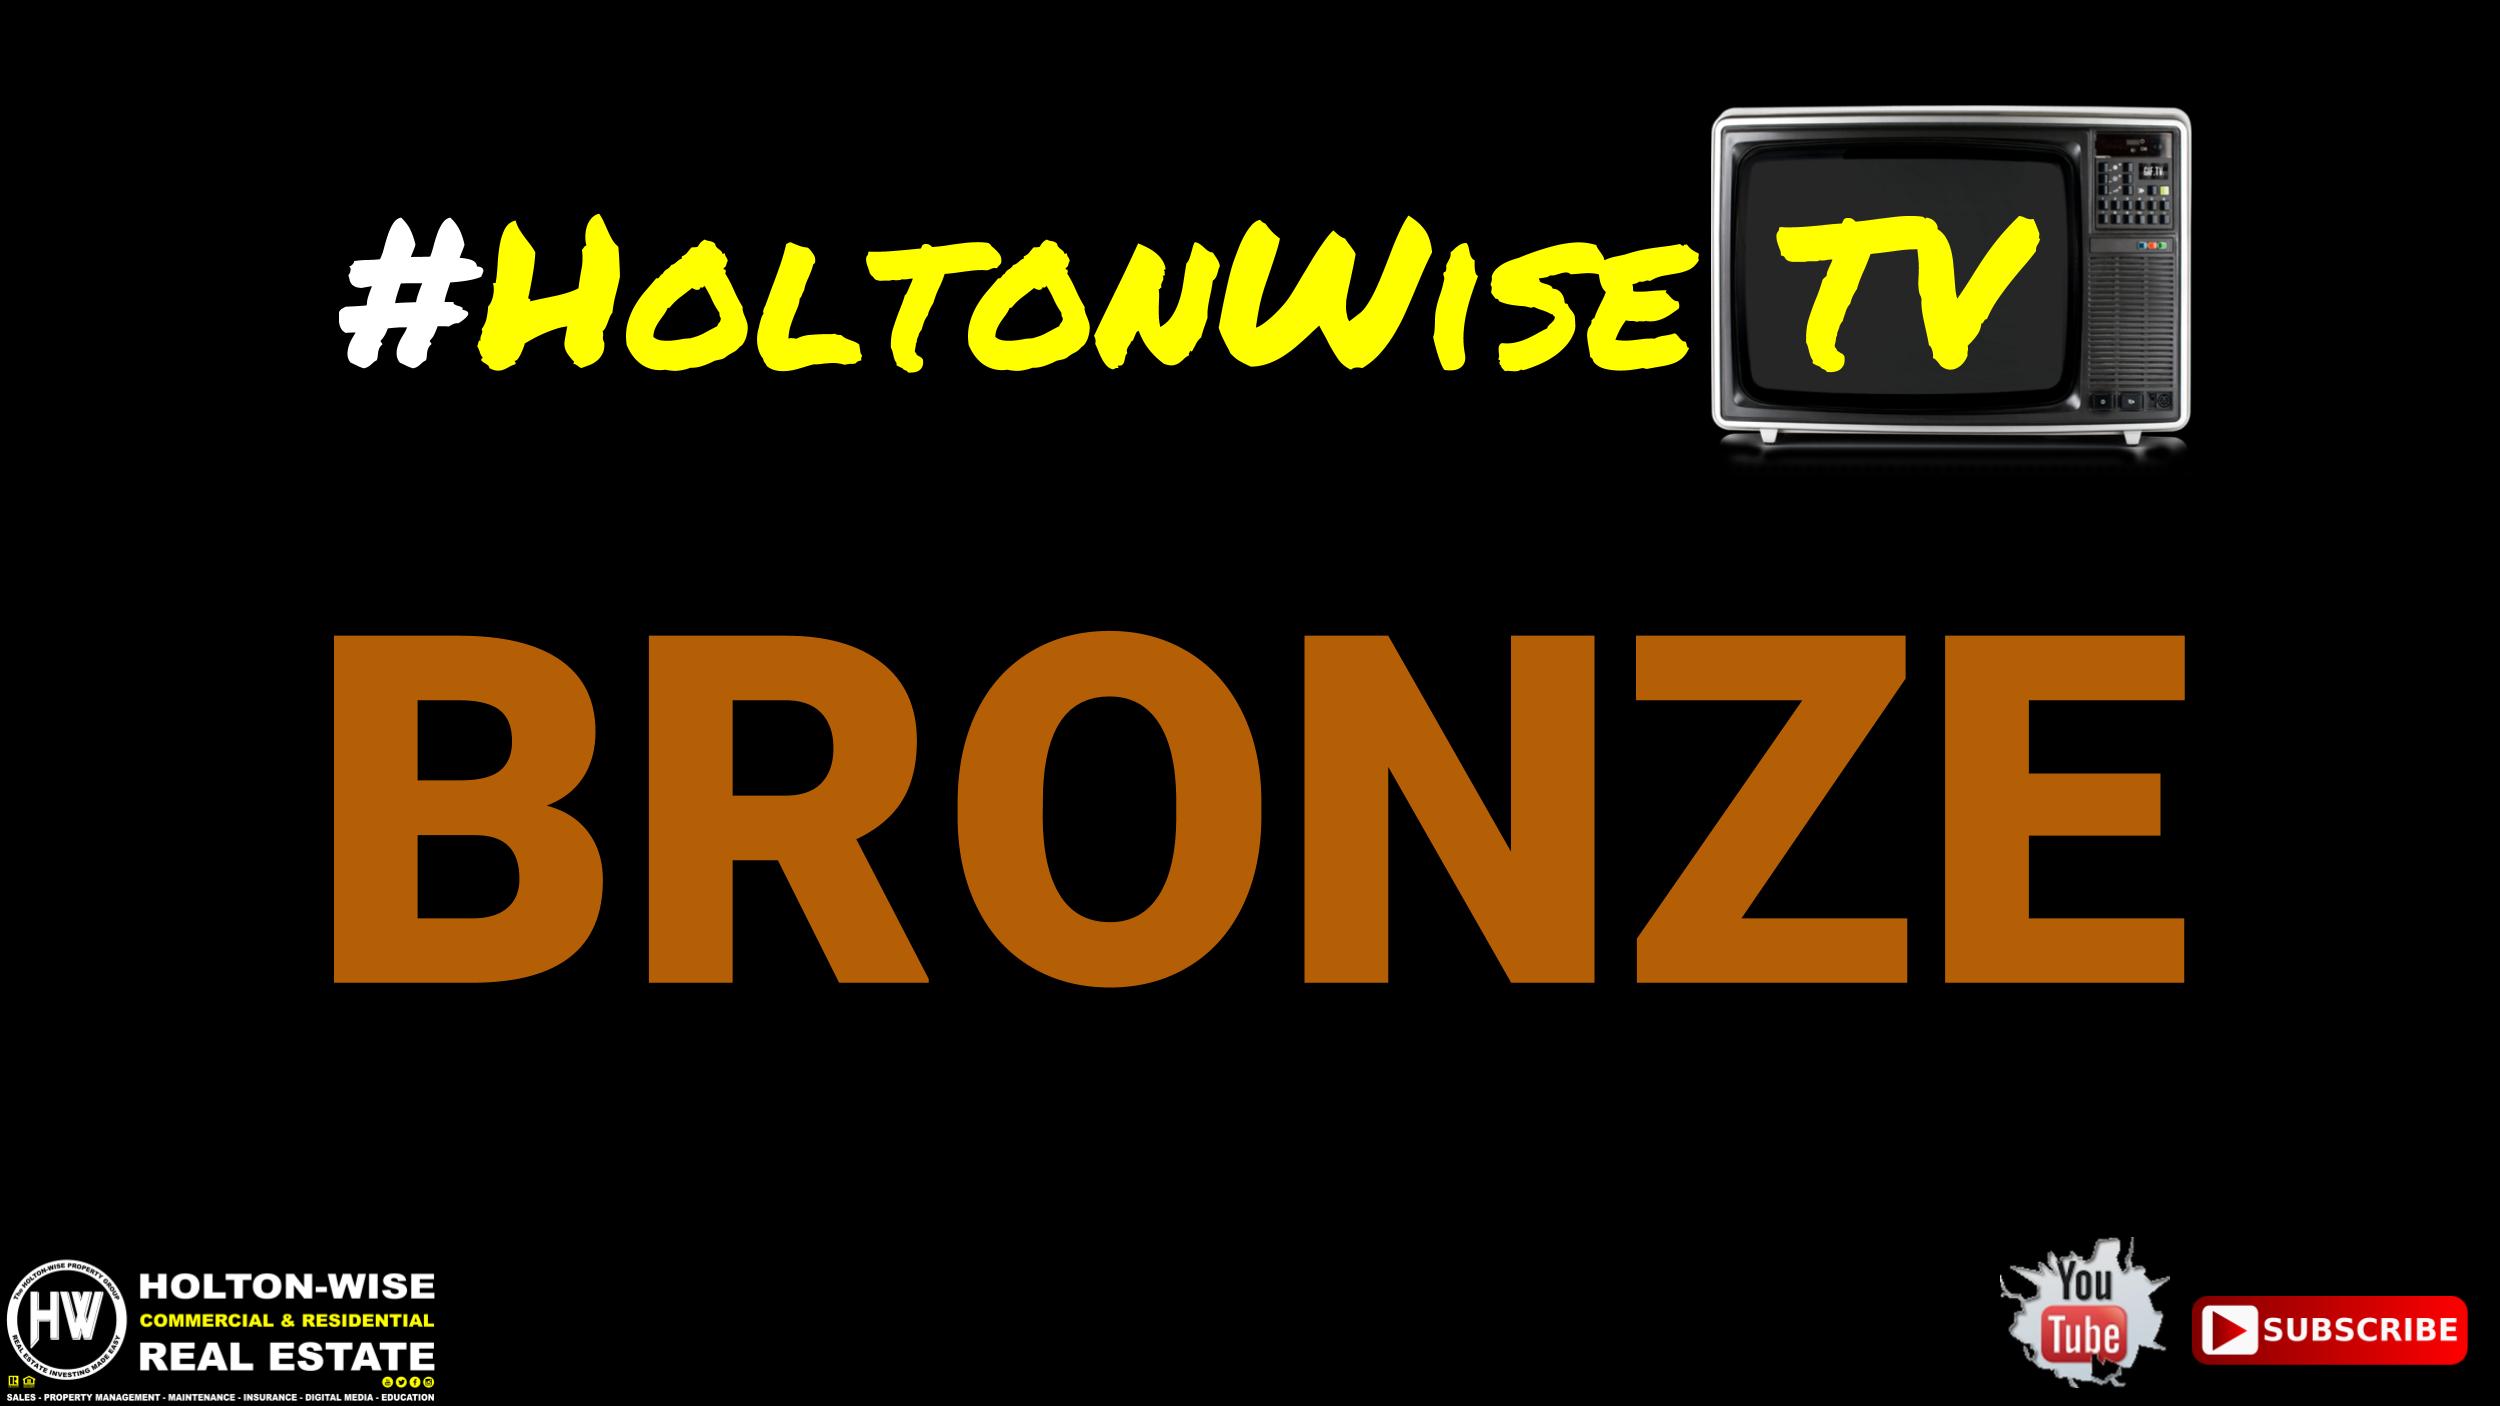 Digital Media Renewal - Bronze